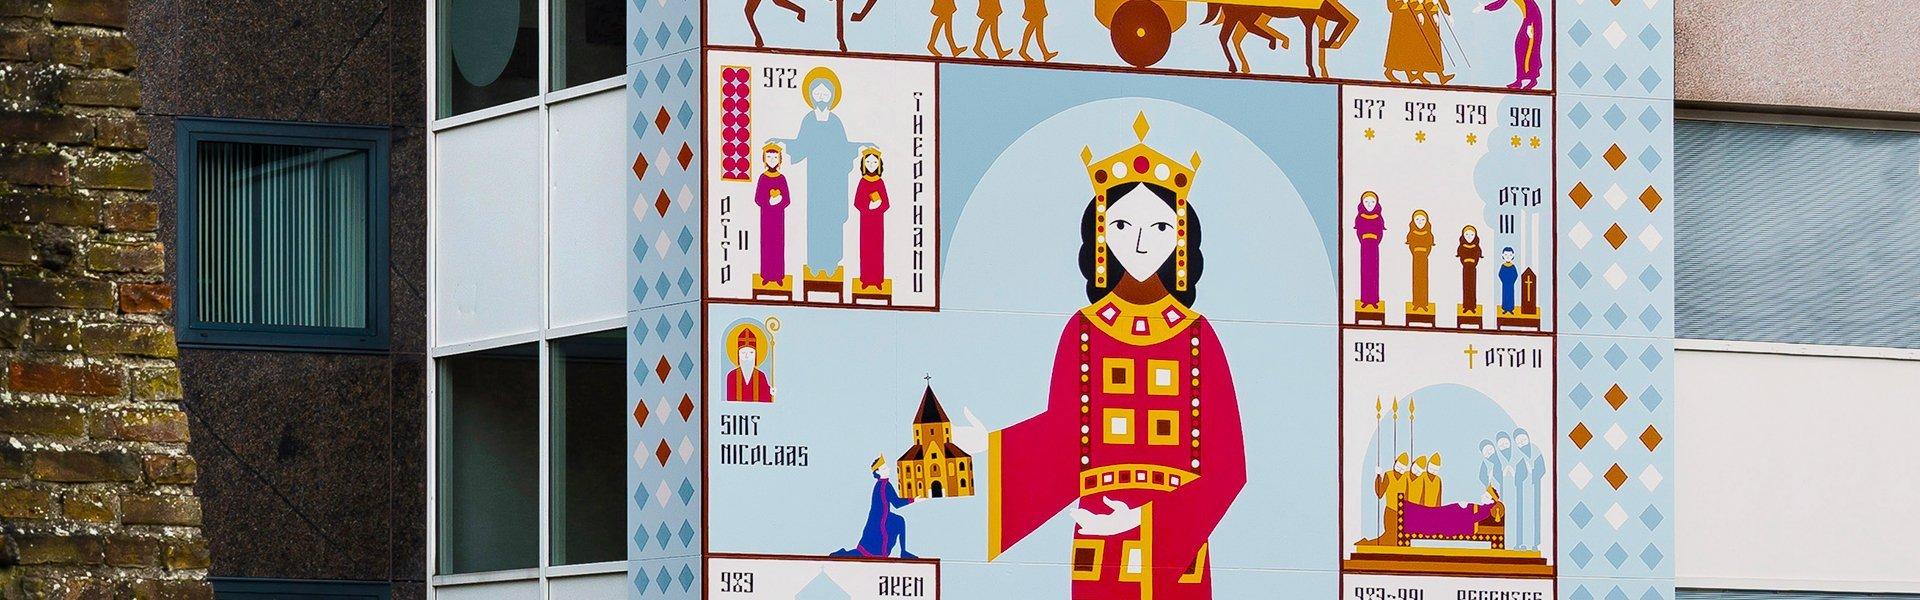 Detail van Waalpainting – De prinses uit het Oosten in Nijmegen, Nederland | Artiest: Studio Hartebeest, foto: Anton Houtappels